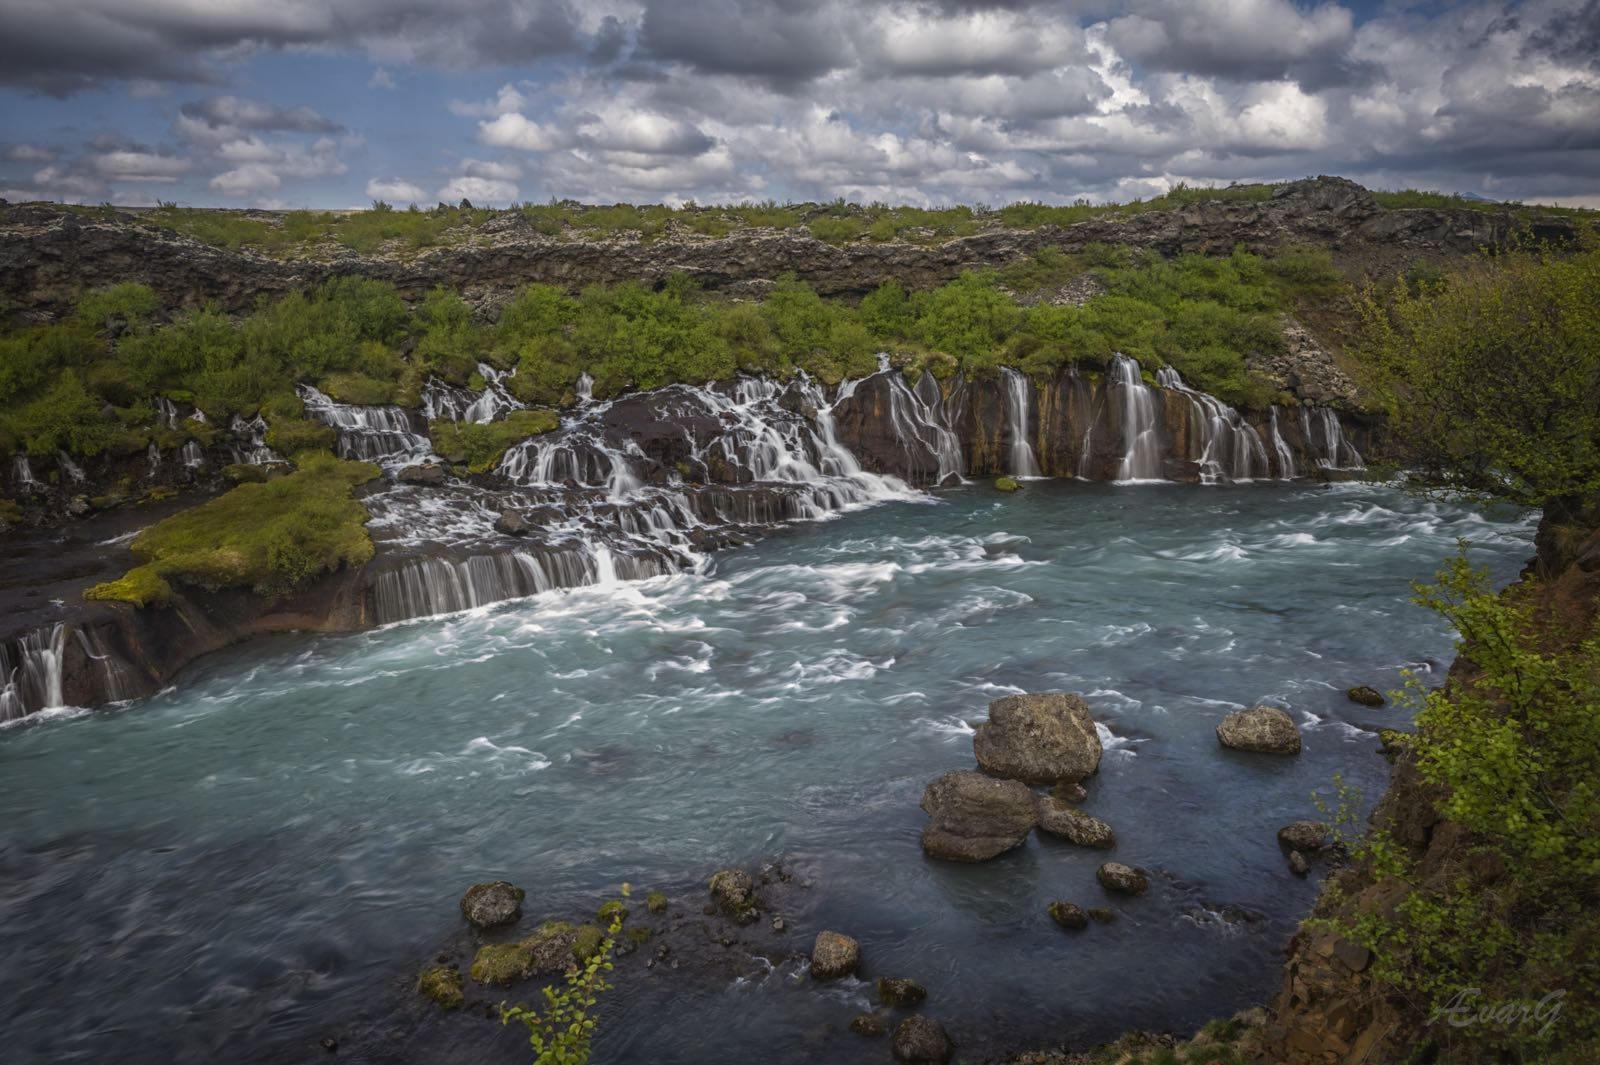 冰岛西部的熔岩瀑布是冰岛最美丽的瀑布之一